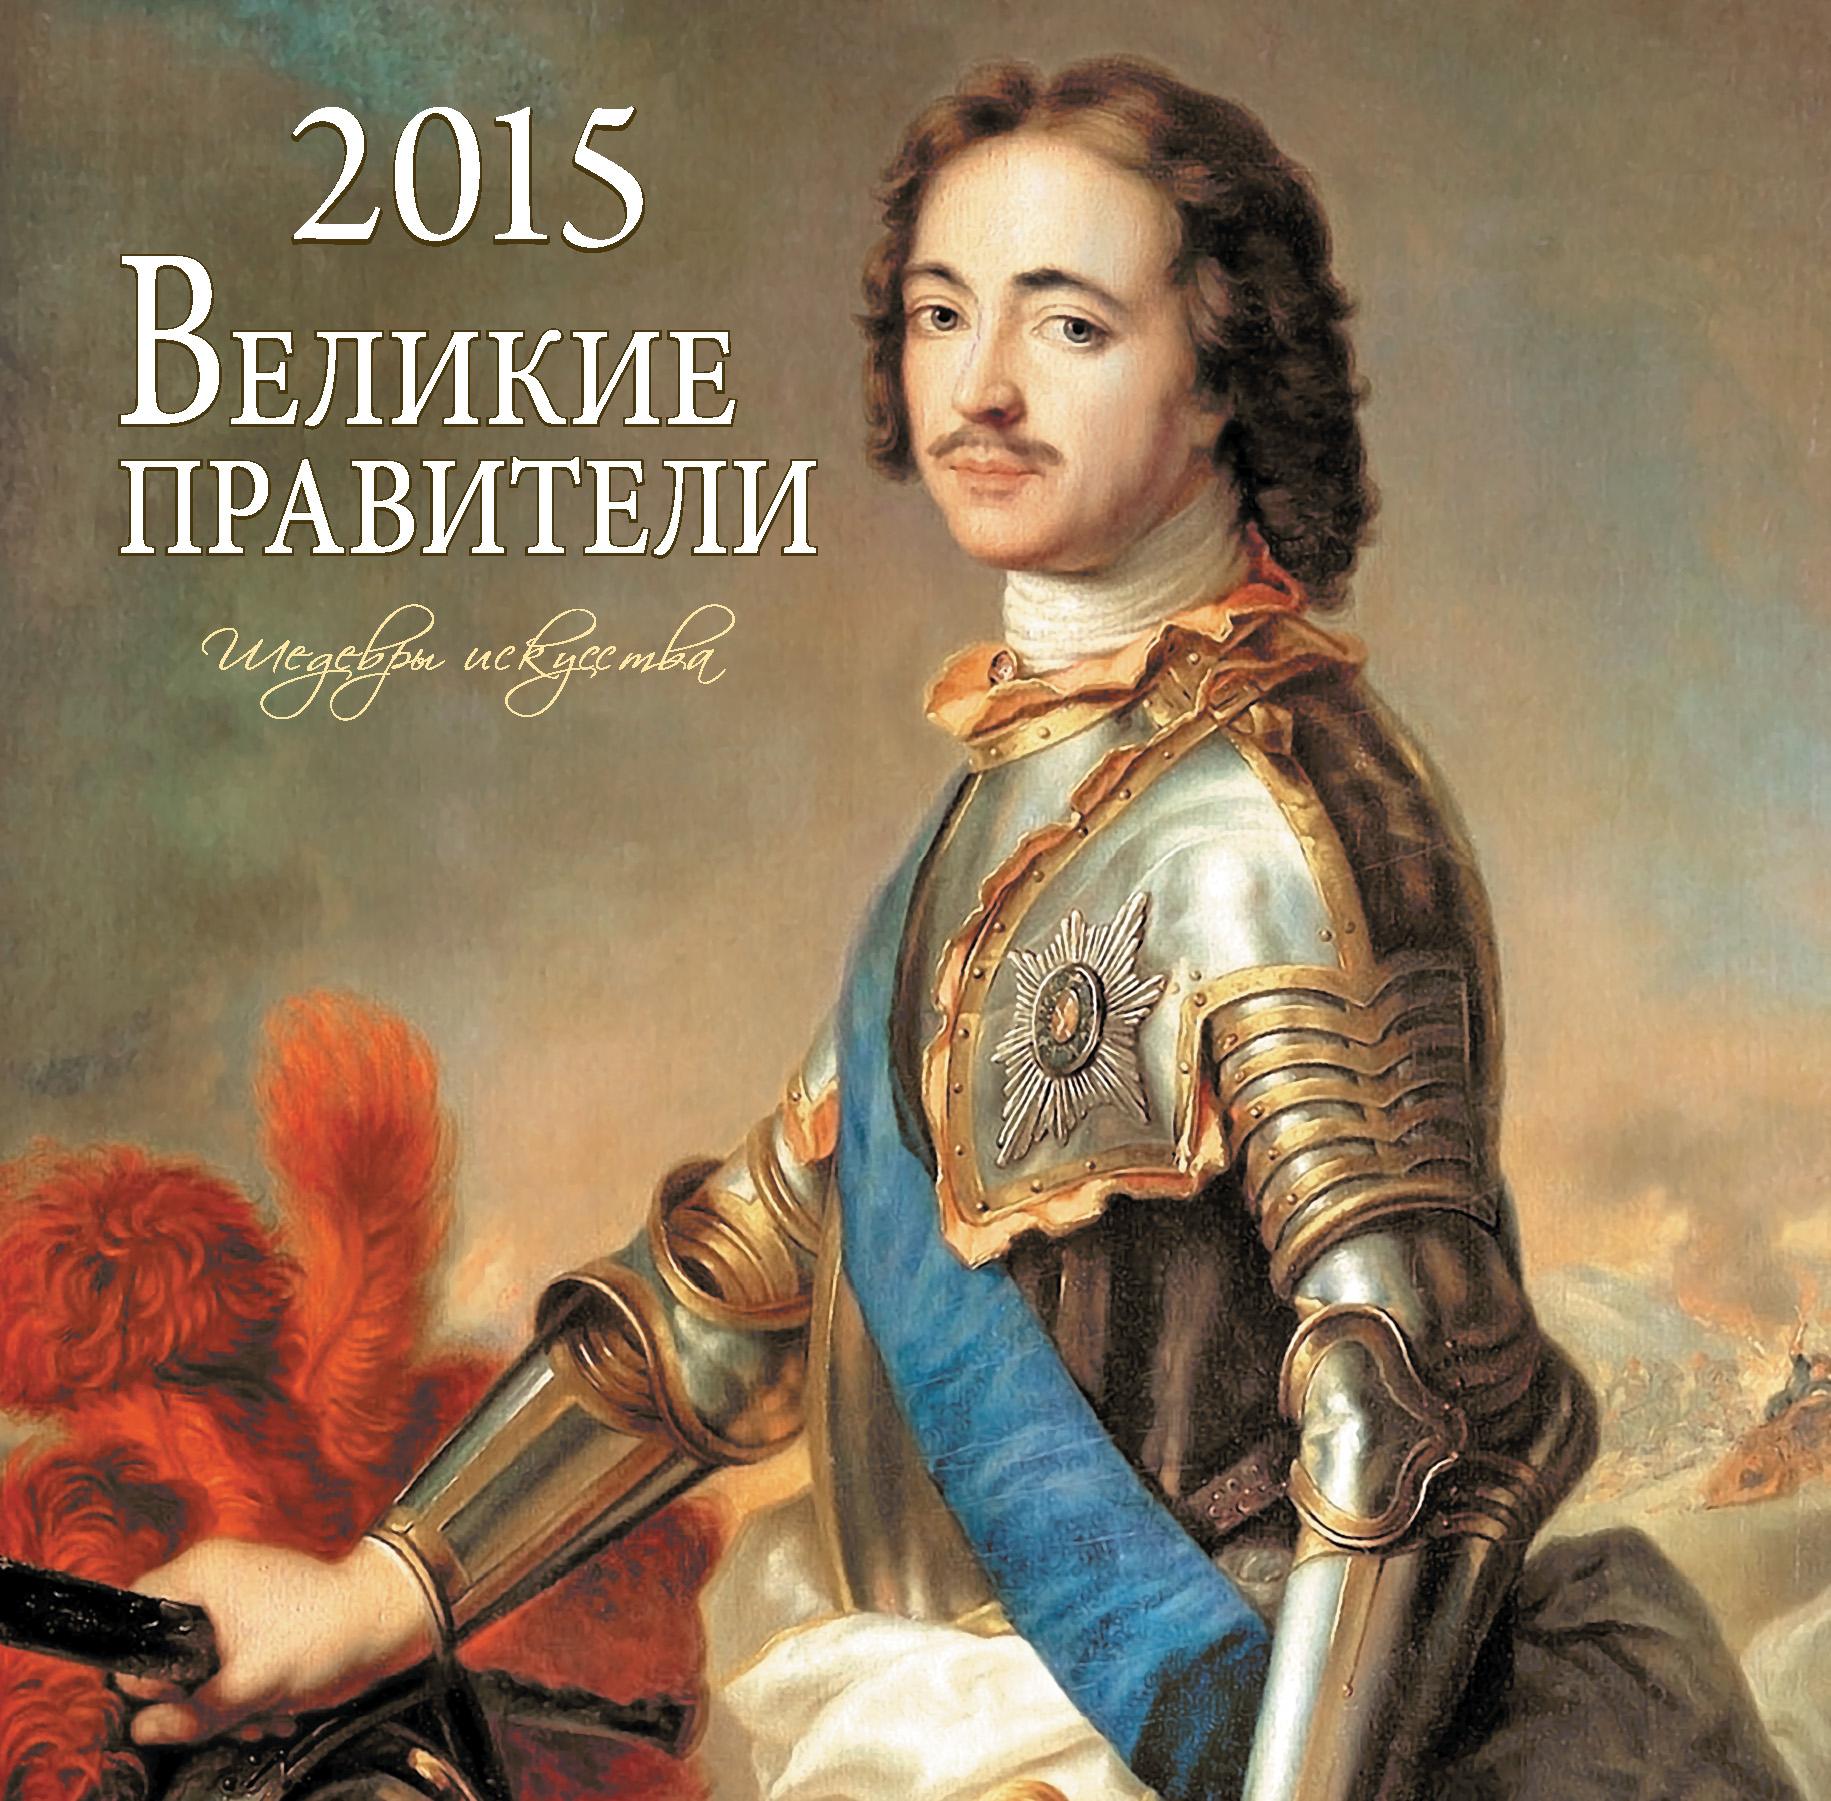 Великие правители. Календарь настенный на 2015 год